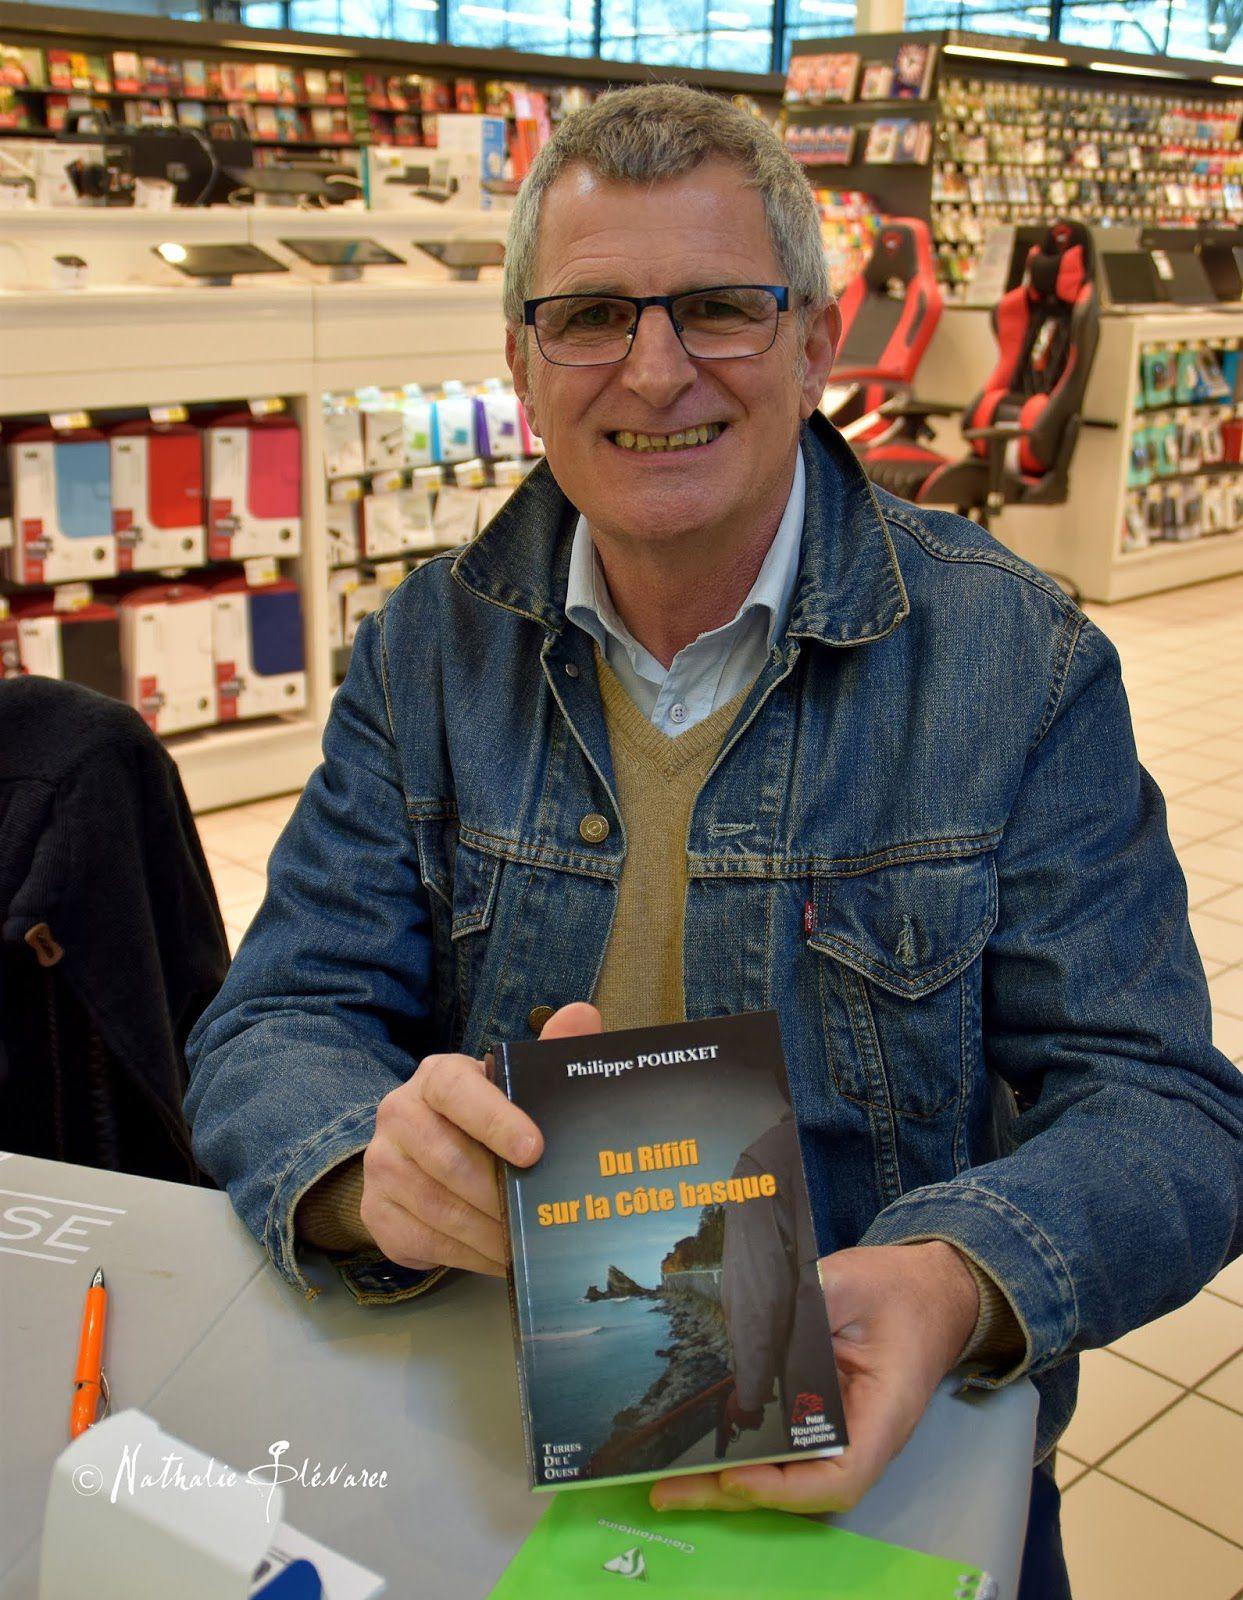 Portrait du jour : Philippe Pourxet, auteur de polars